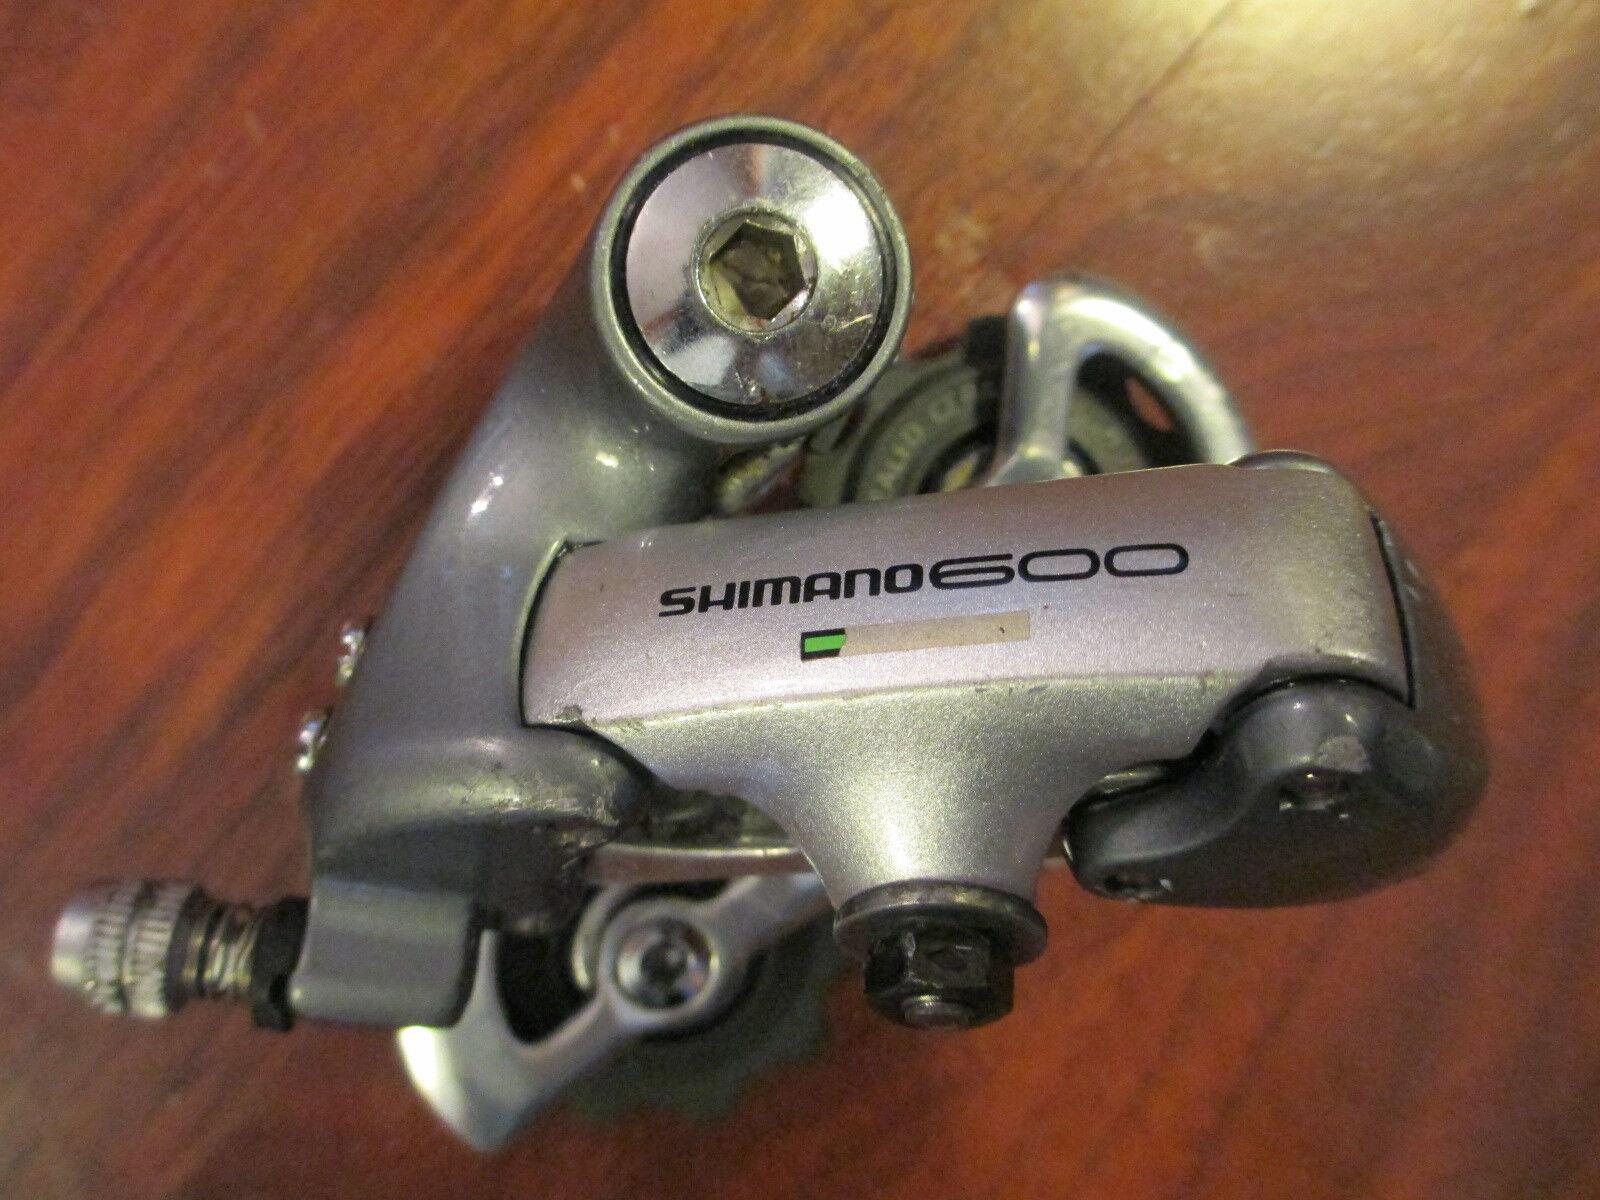 SHIMANO 600 TRI COLOR ULTEGRA RD 6401 DOUBLE SHORT CAGE REAR DERAILLEUR